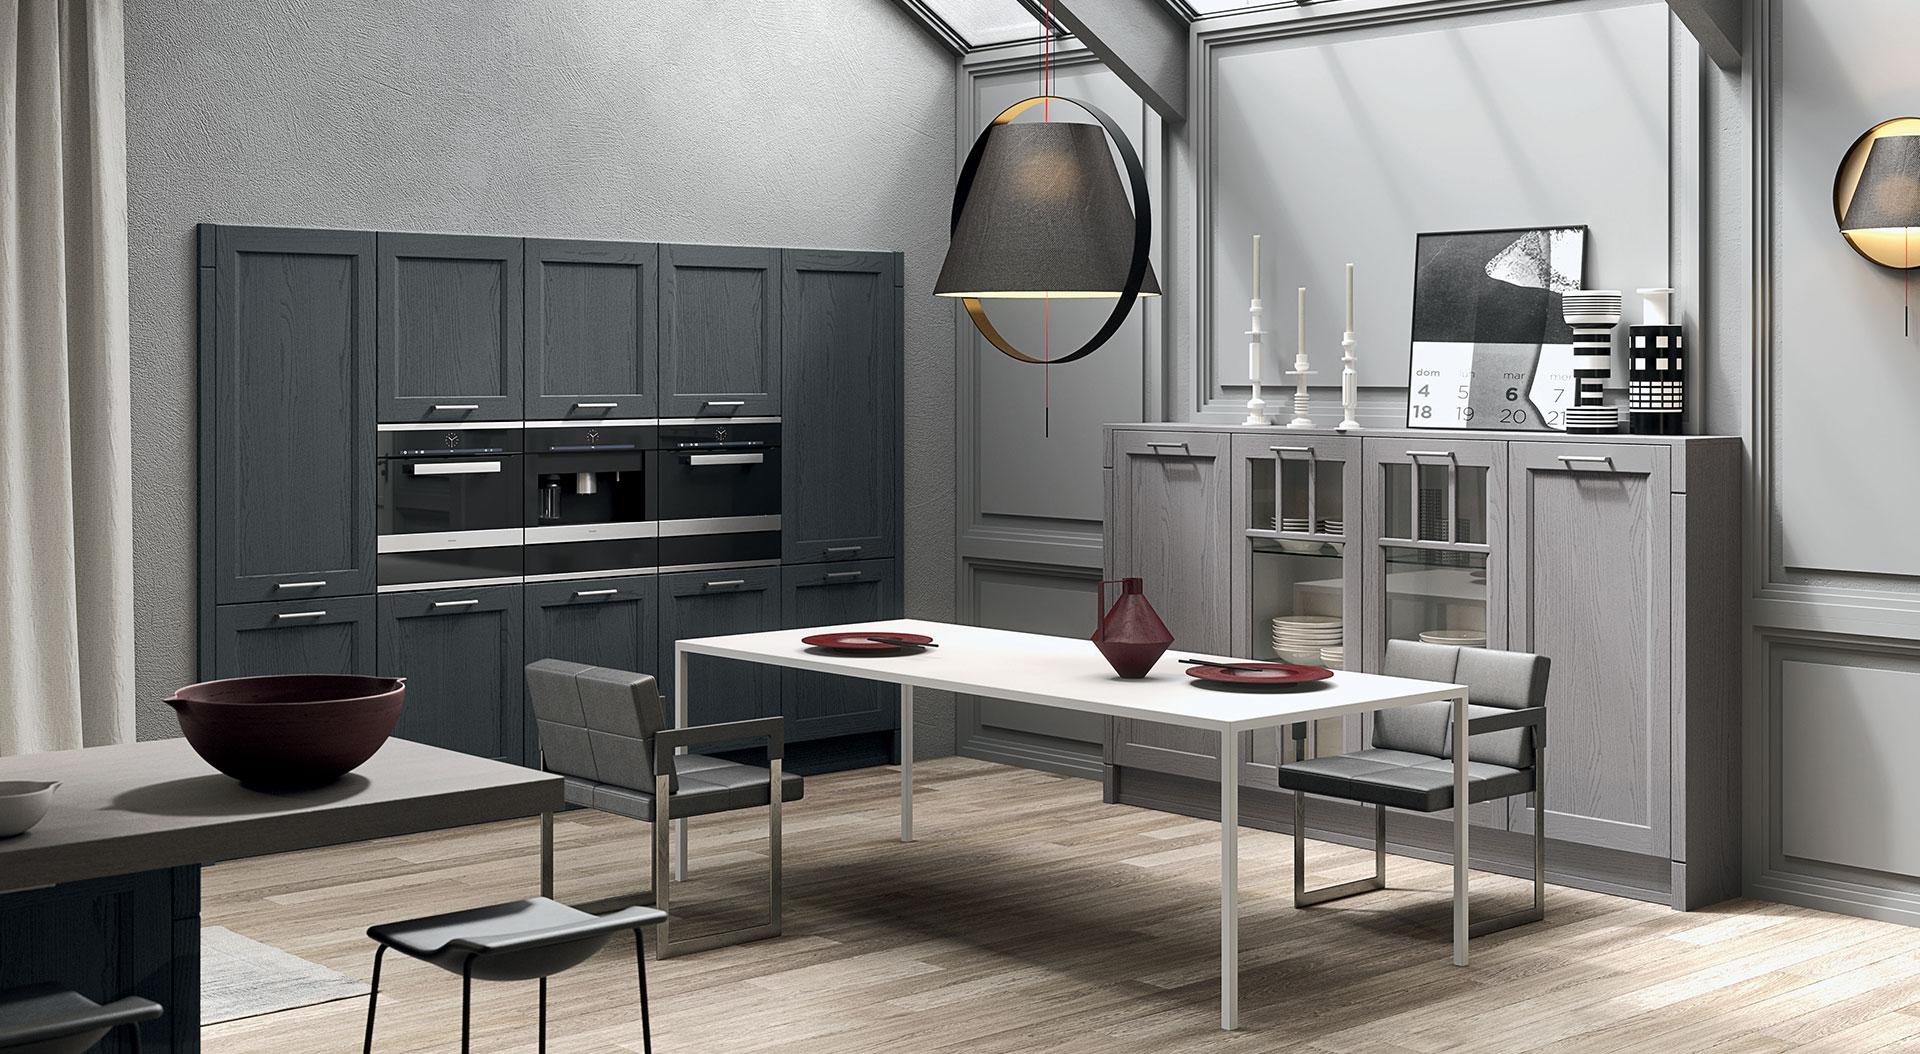 Zebrano cocinas coru a muebles a medida y electrodom sticos - Muebles de cocina coruna ...